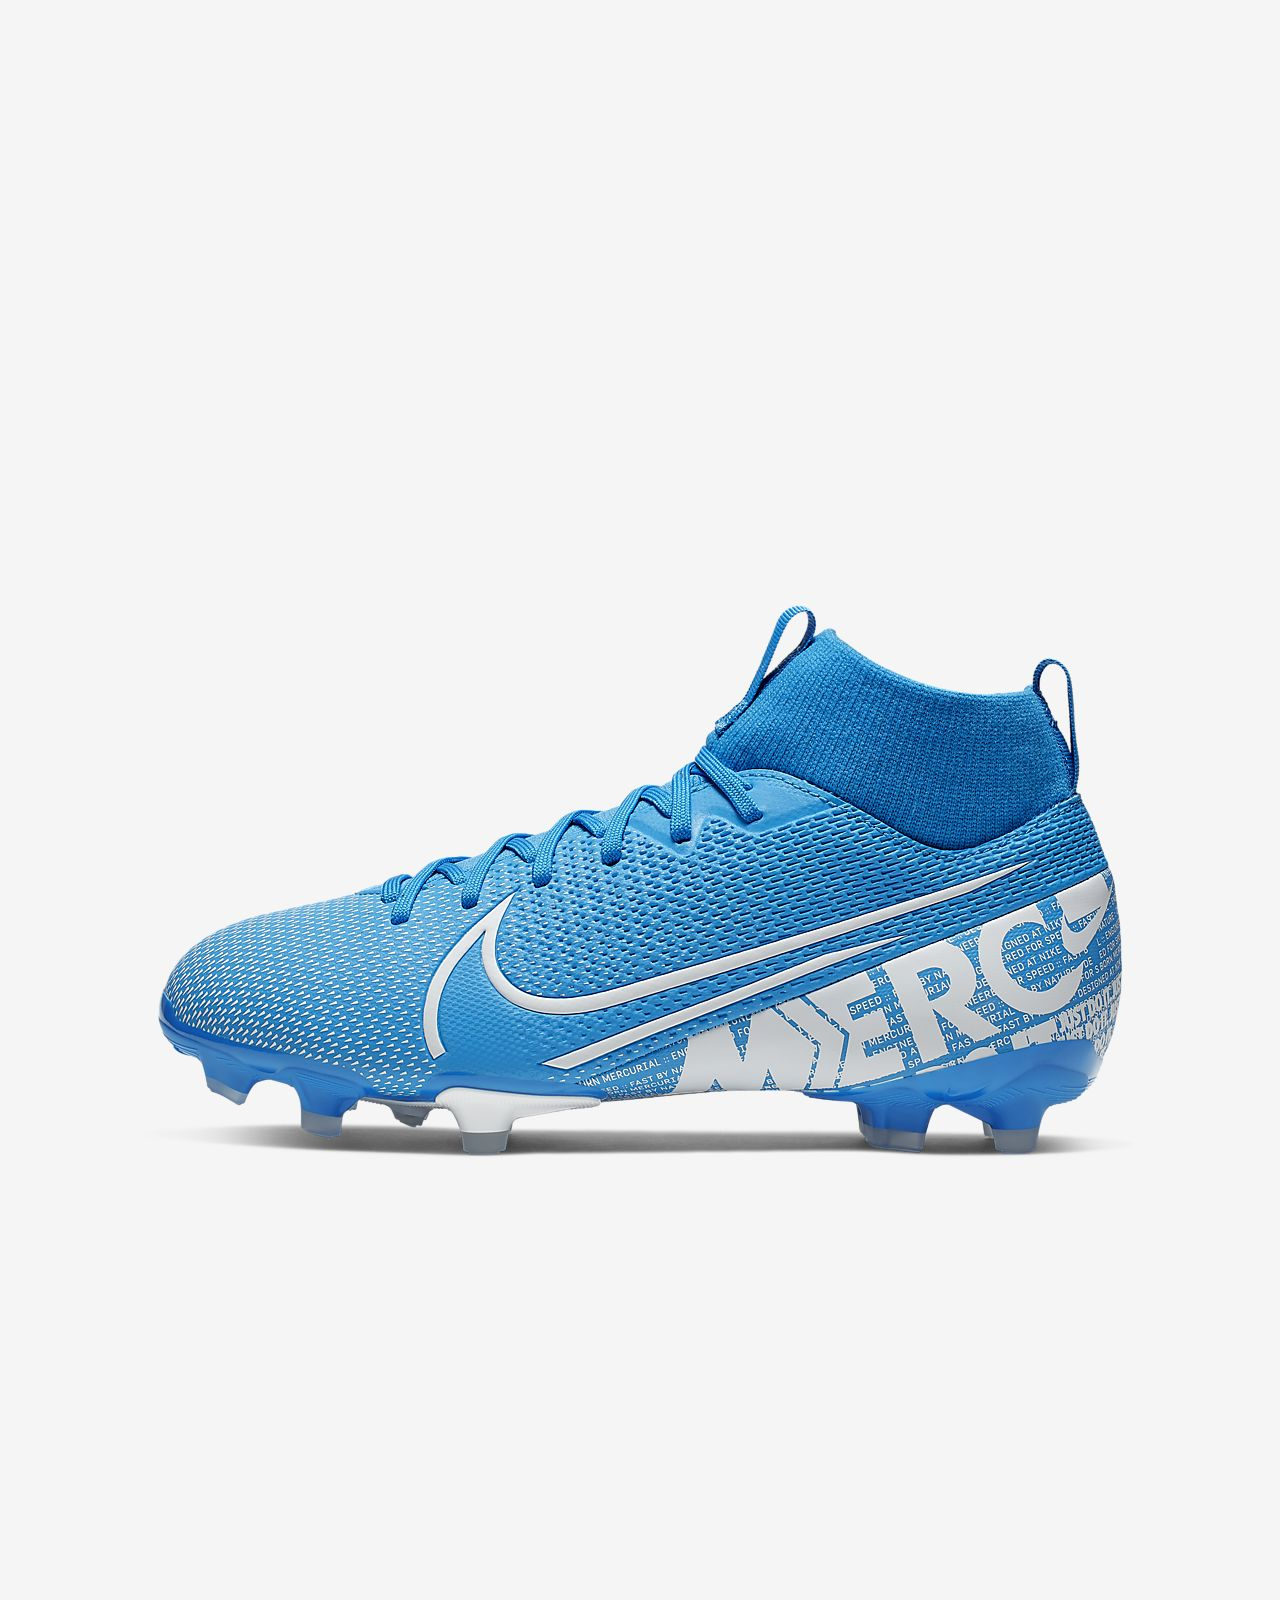 Nike Jr. Mercurial Superfly 7 Academy MG többféle talajra készült futballcipő gyerekeknek